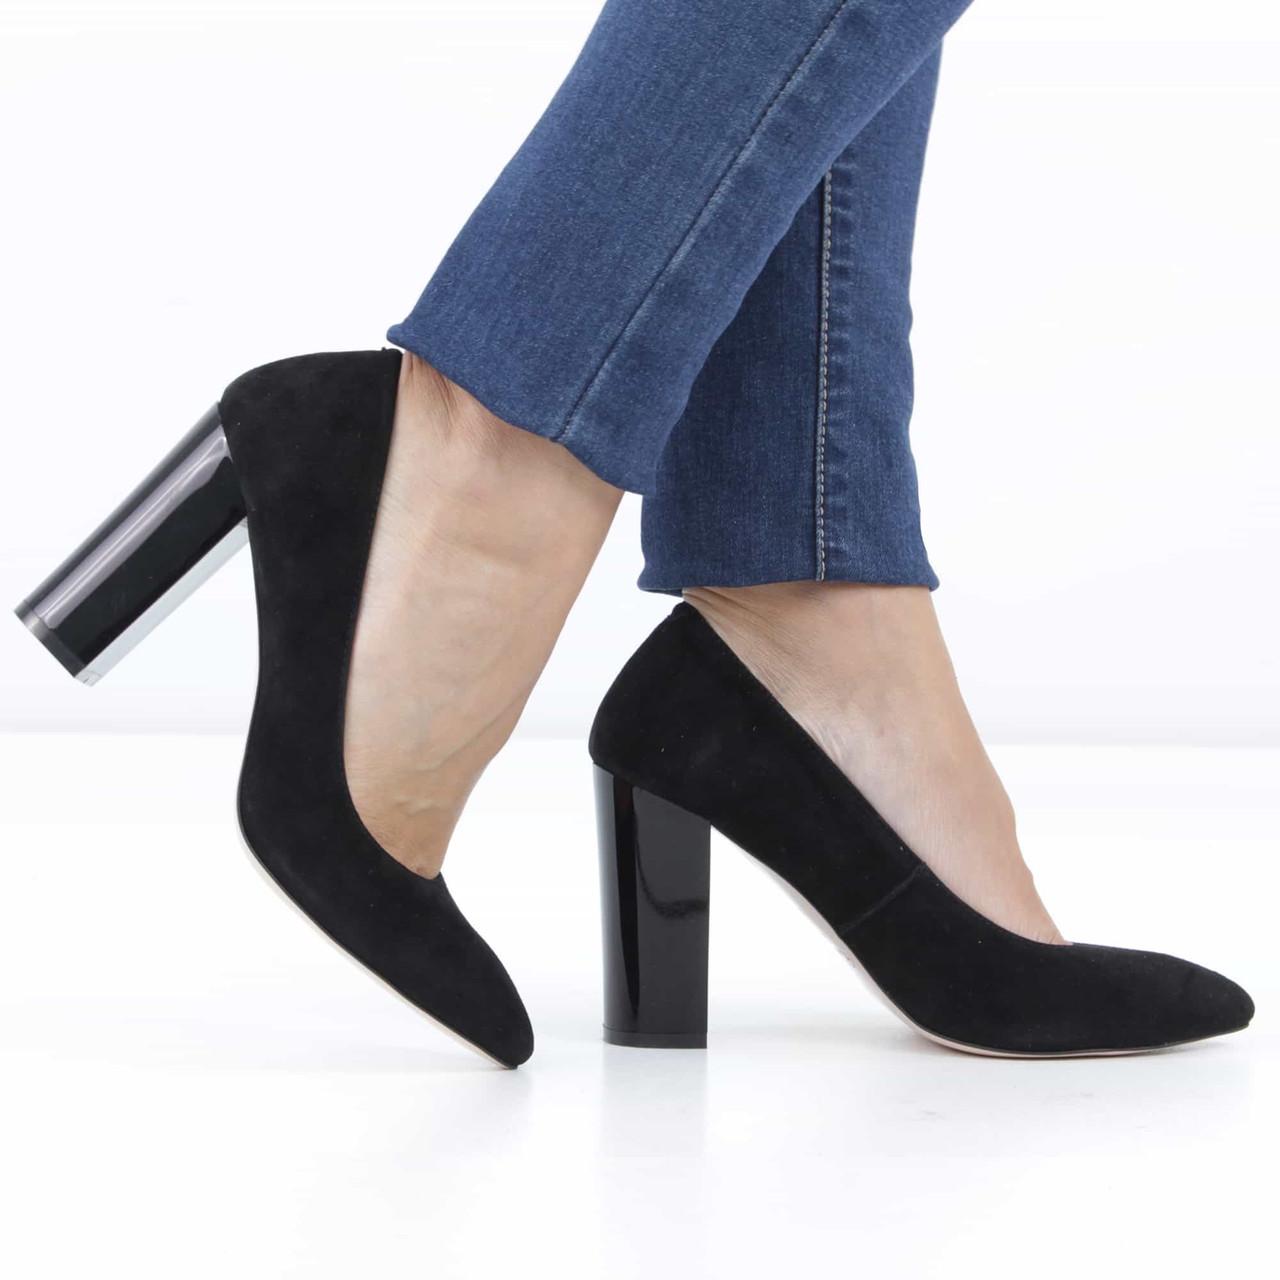 94d200cdd Замшевые черные туфли на прямом каблуке (весна-осень), 38 размер, код  UT75801